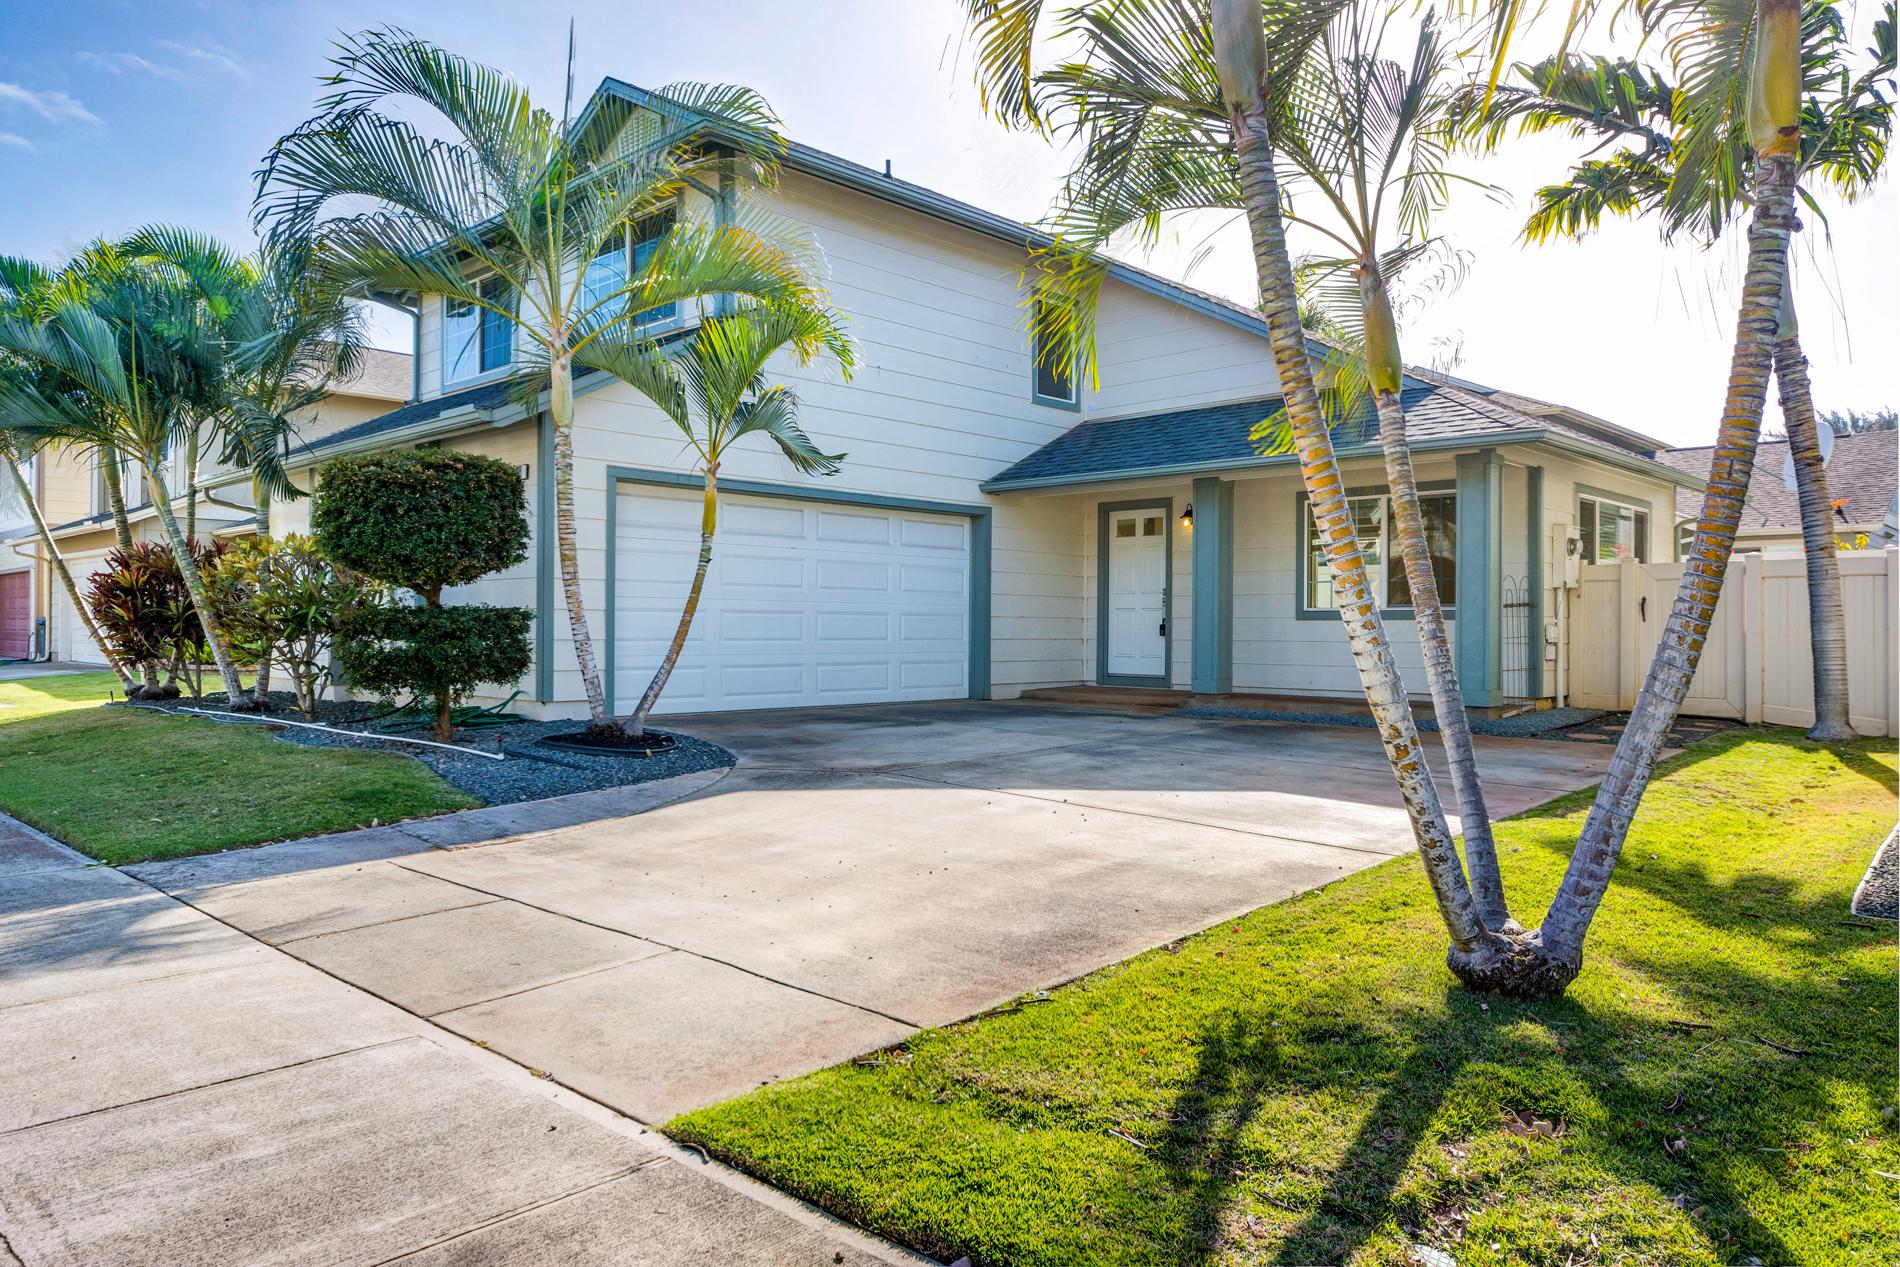 Vivienda unifamiliar por un Venta en Comfortable Island Living 91-910 Hoomohalu Pl Ewa Beach, Hawaii, 96706 Estados Unidos